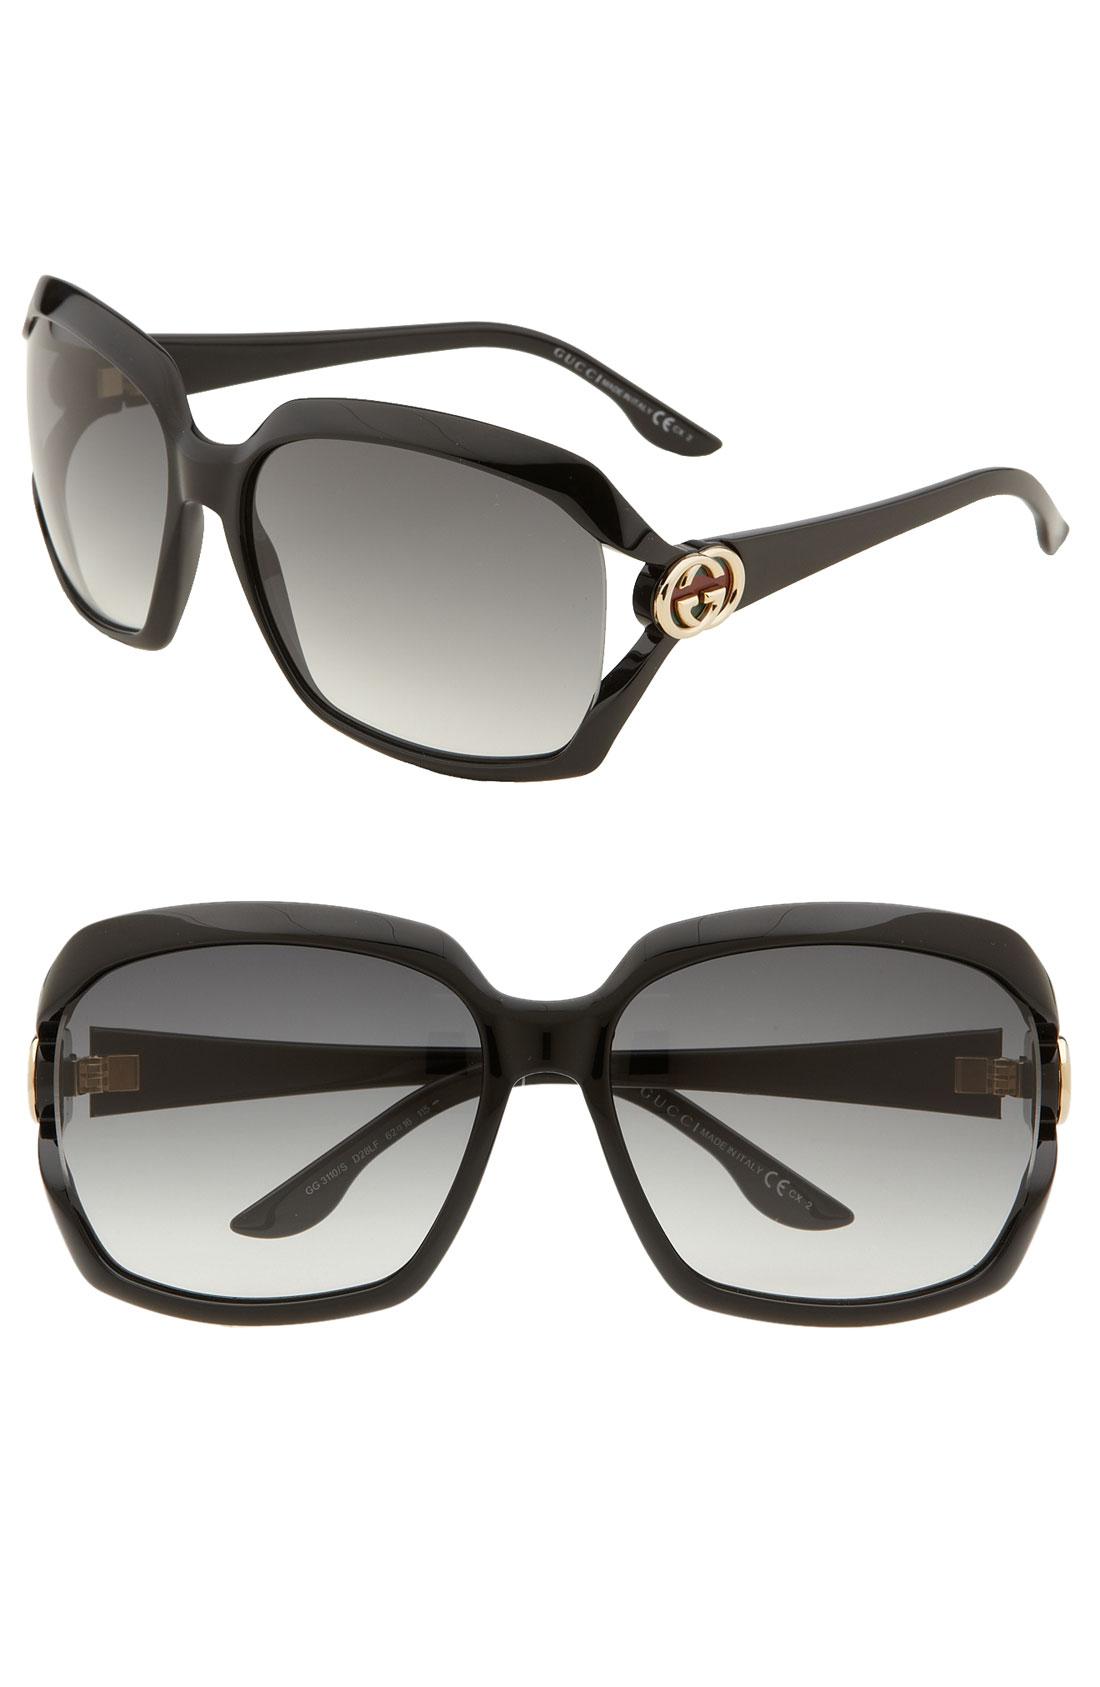 Gucci Oversized Square Sunglasses  gucci oversized square sunglasses in black lyst